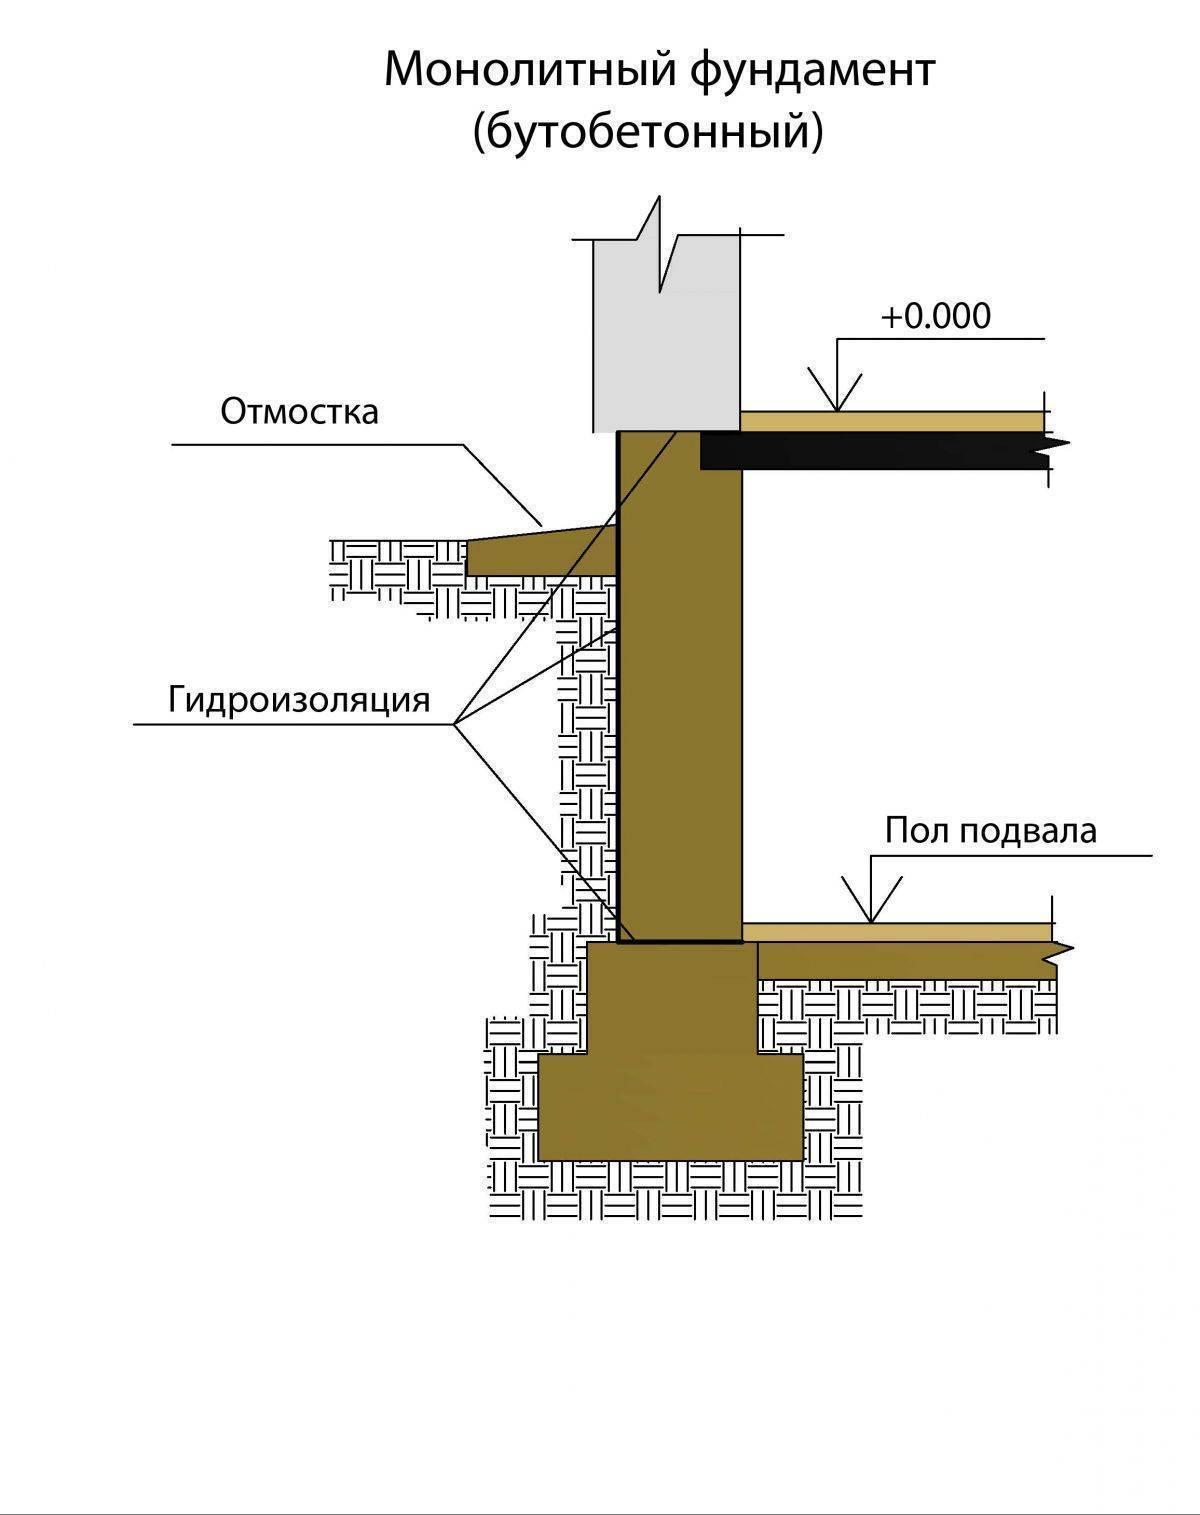 Строительство ленточного фундамента: пошаговая инструкция изготовления, укладка и монтаж своими руками, возведение его на уклоне и как делать мелкозаглубленный?